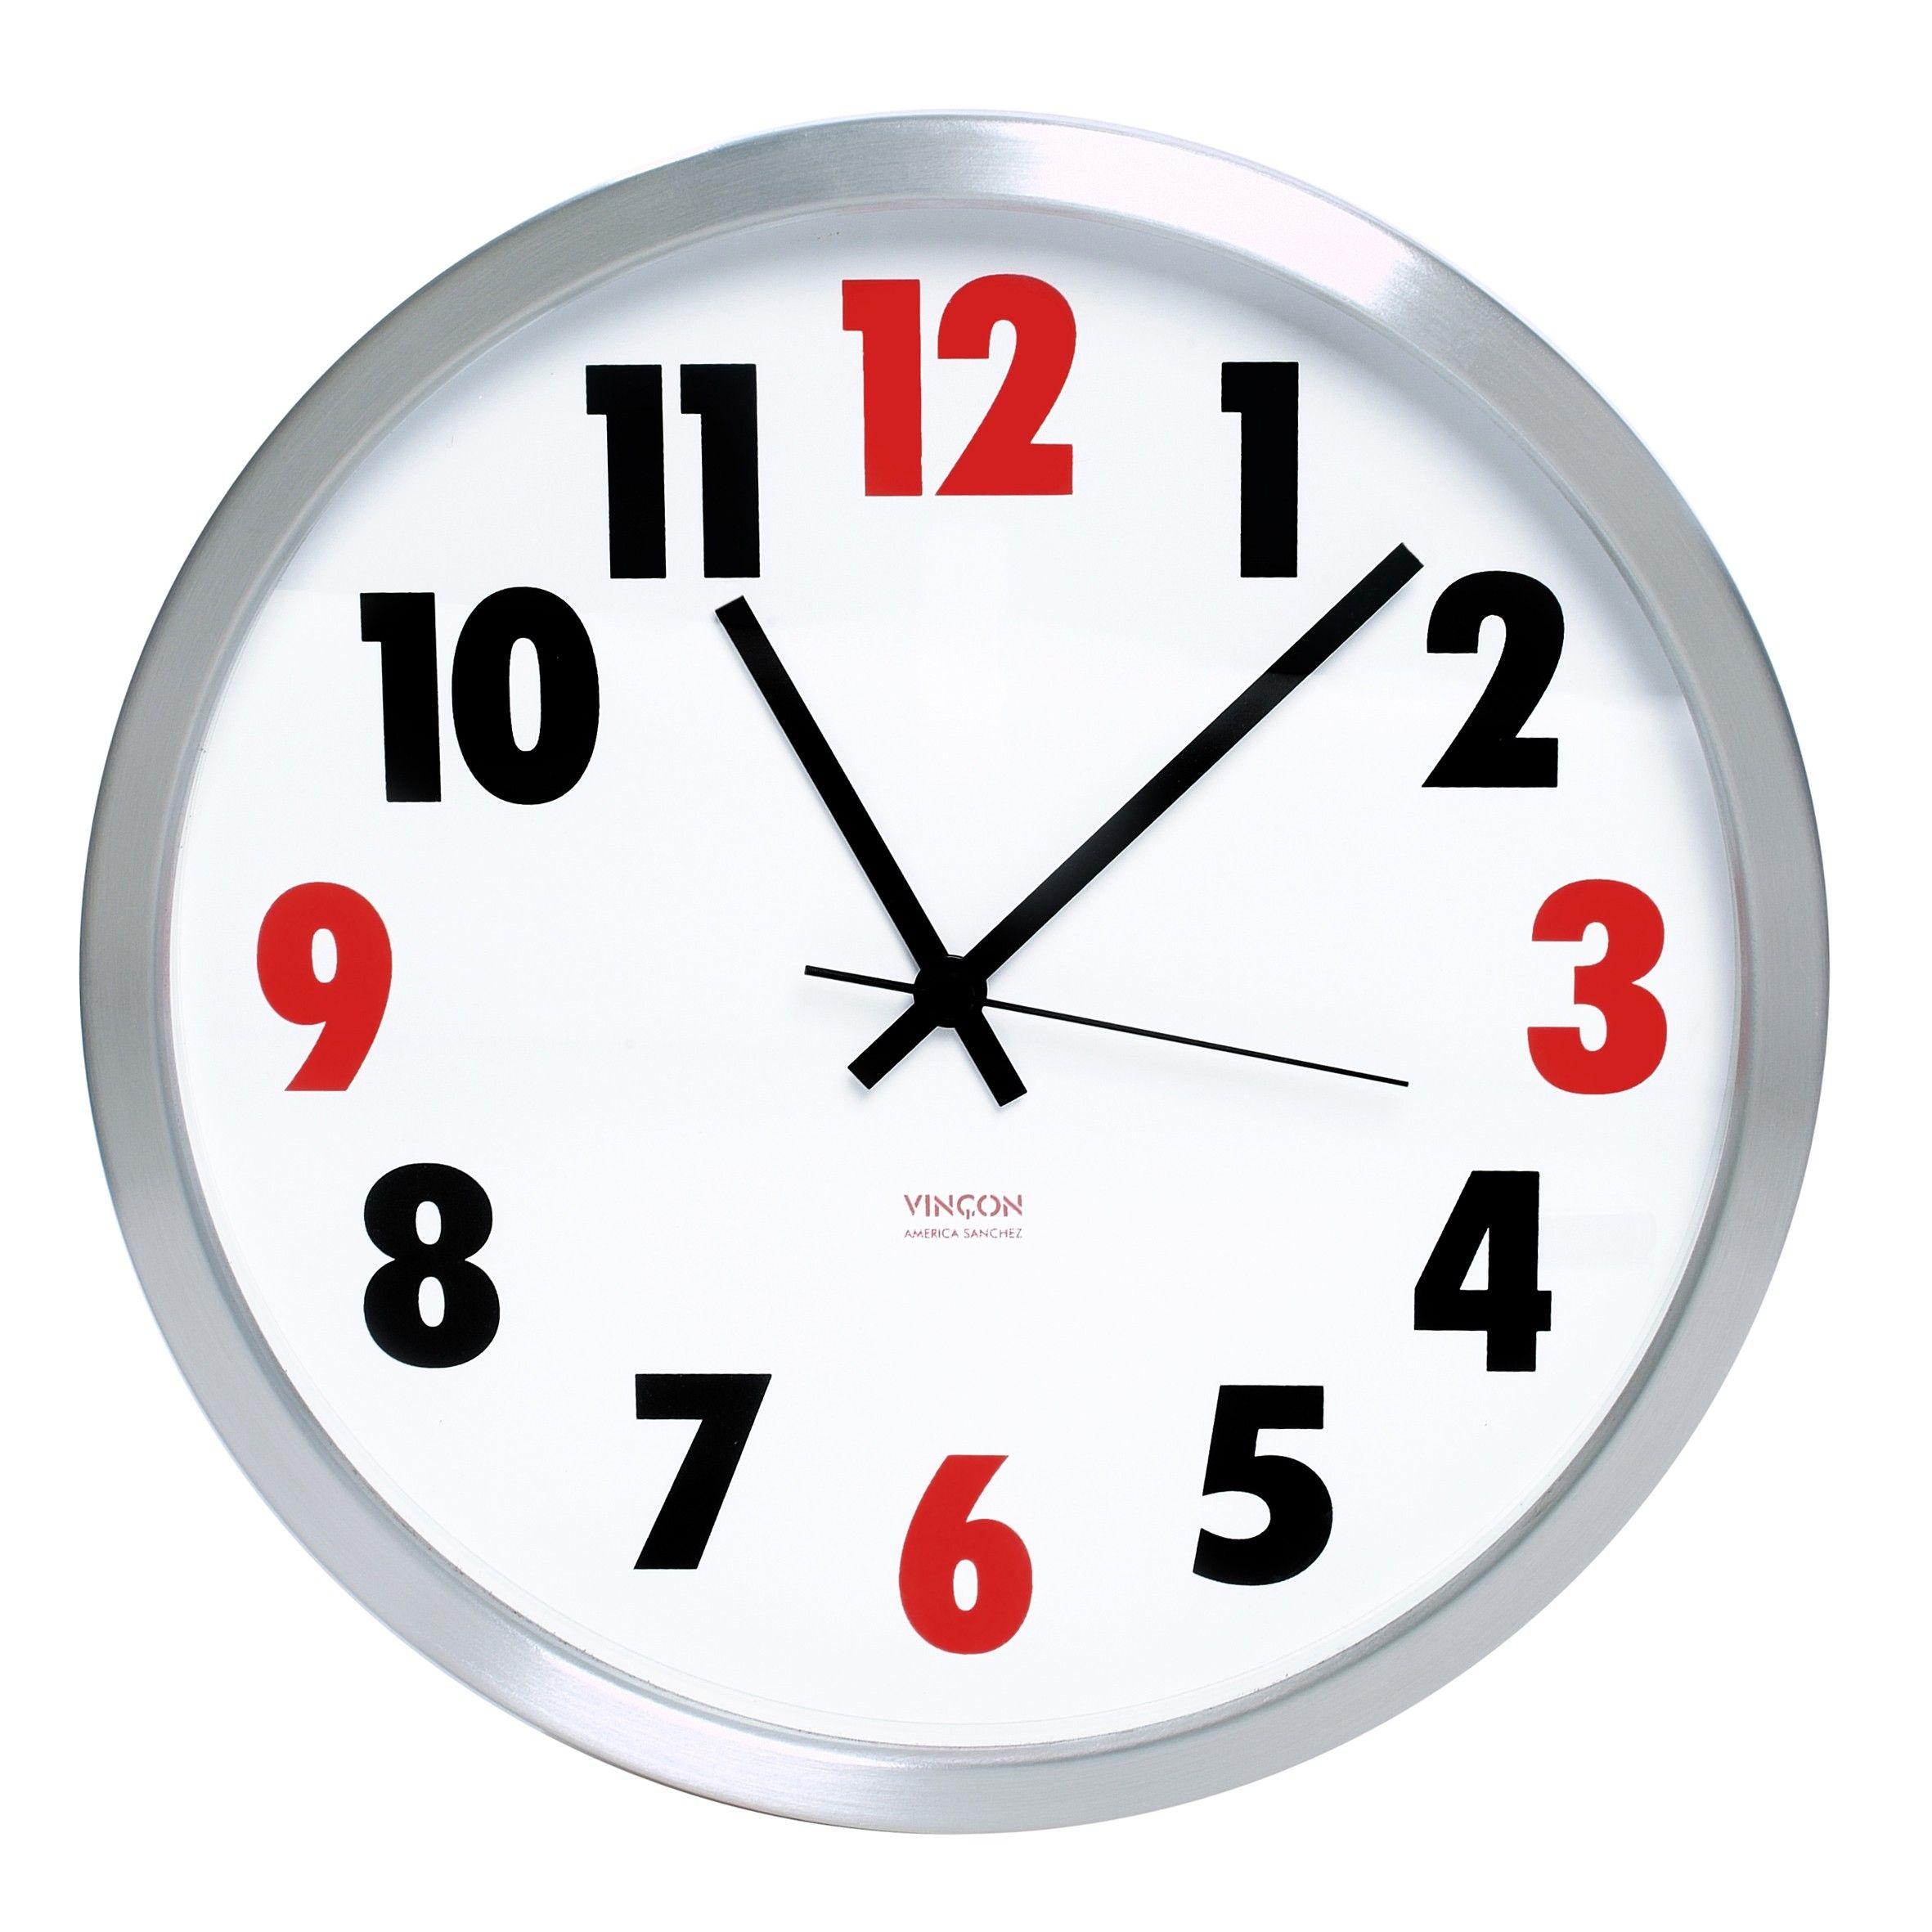 Rellotge Vinçon per posar pared cuina.   Reforma integral casa ...